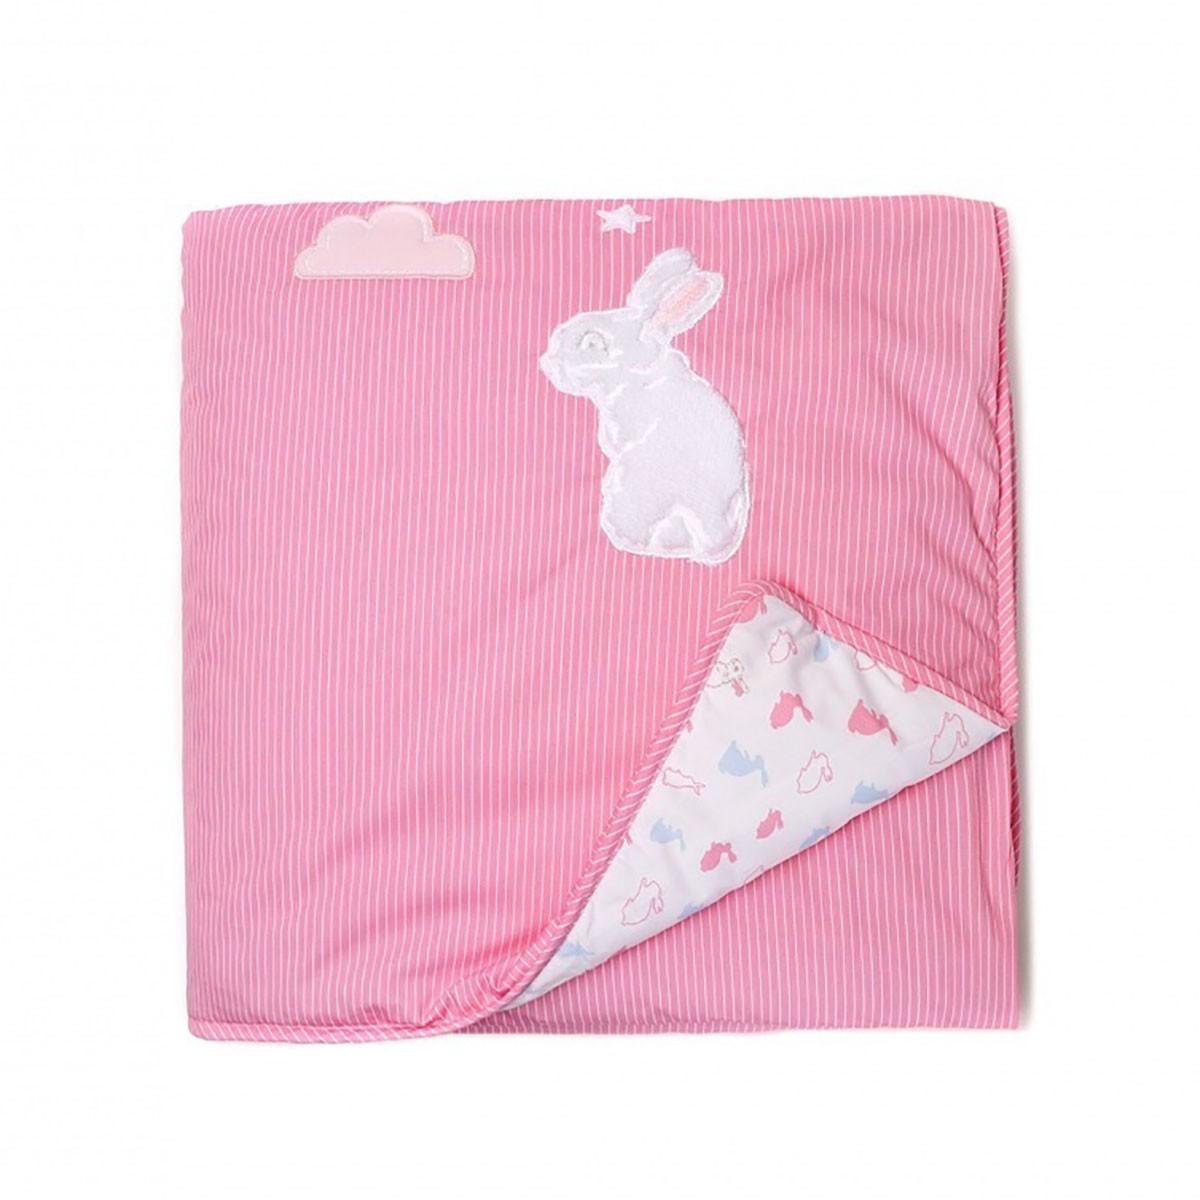 Κουβερλί Κούνιας Laura Ashley Bunny Rabbit